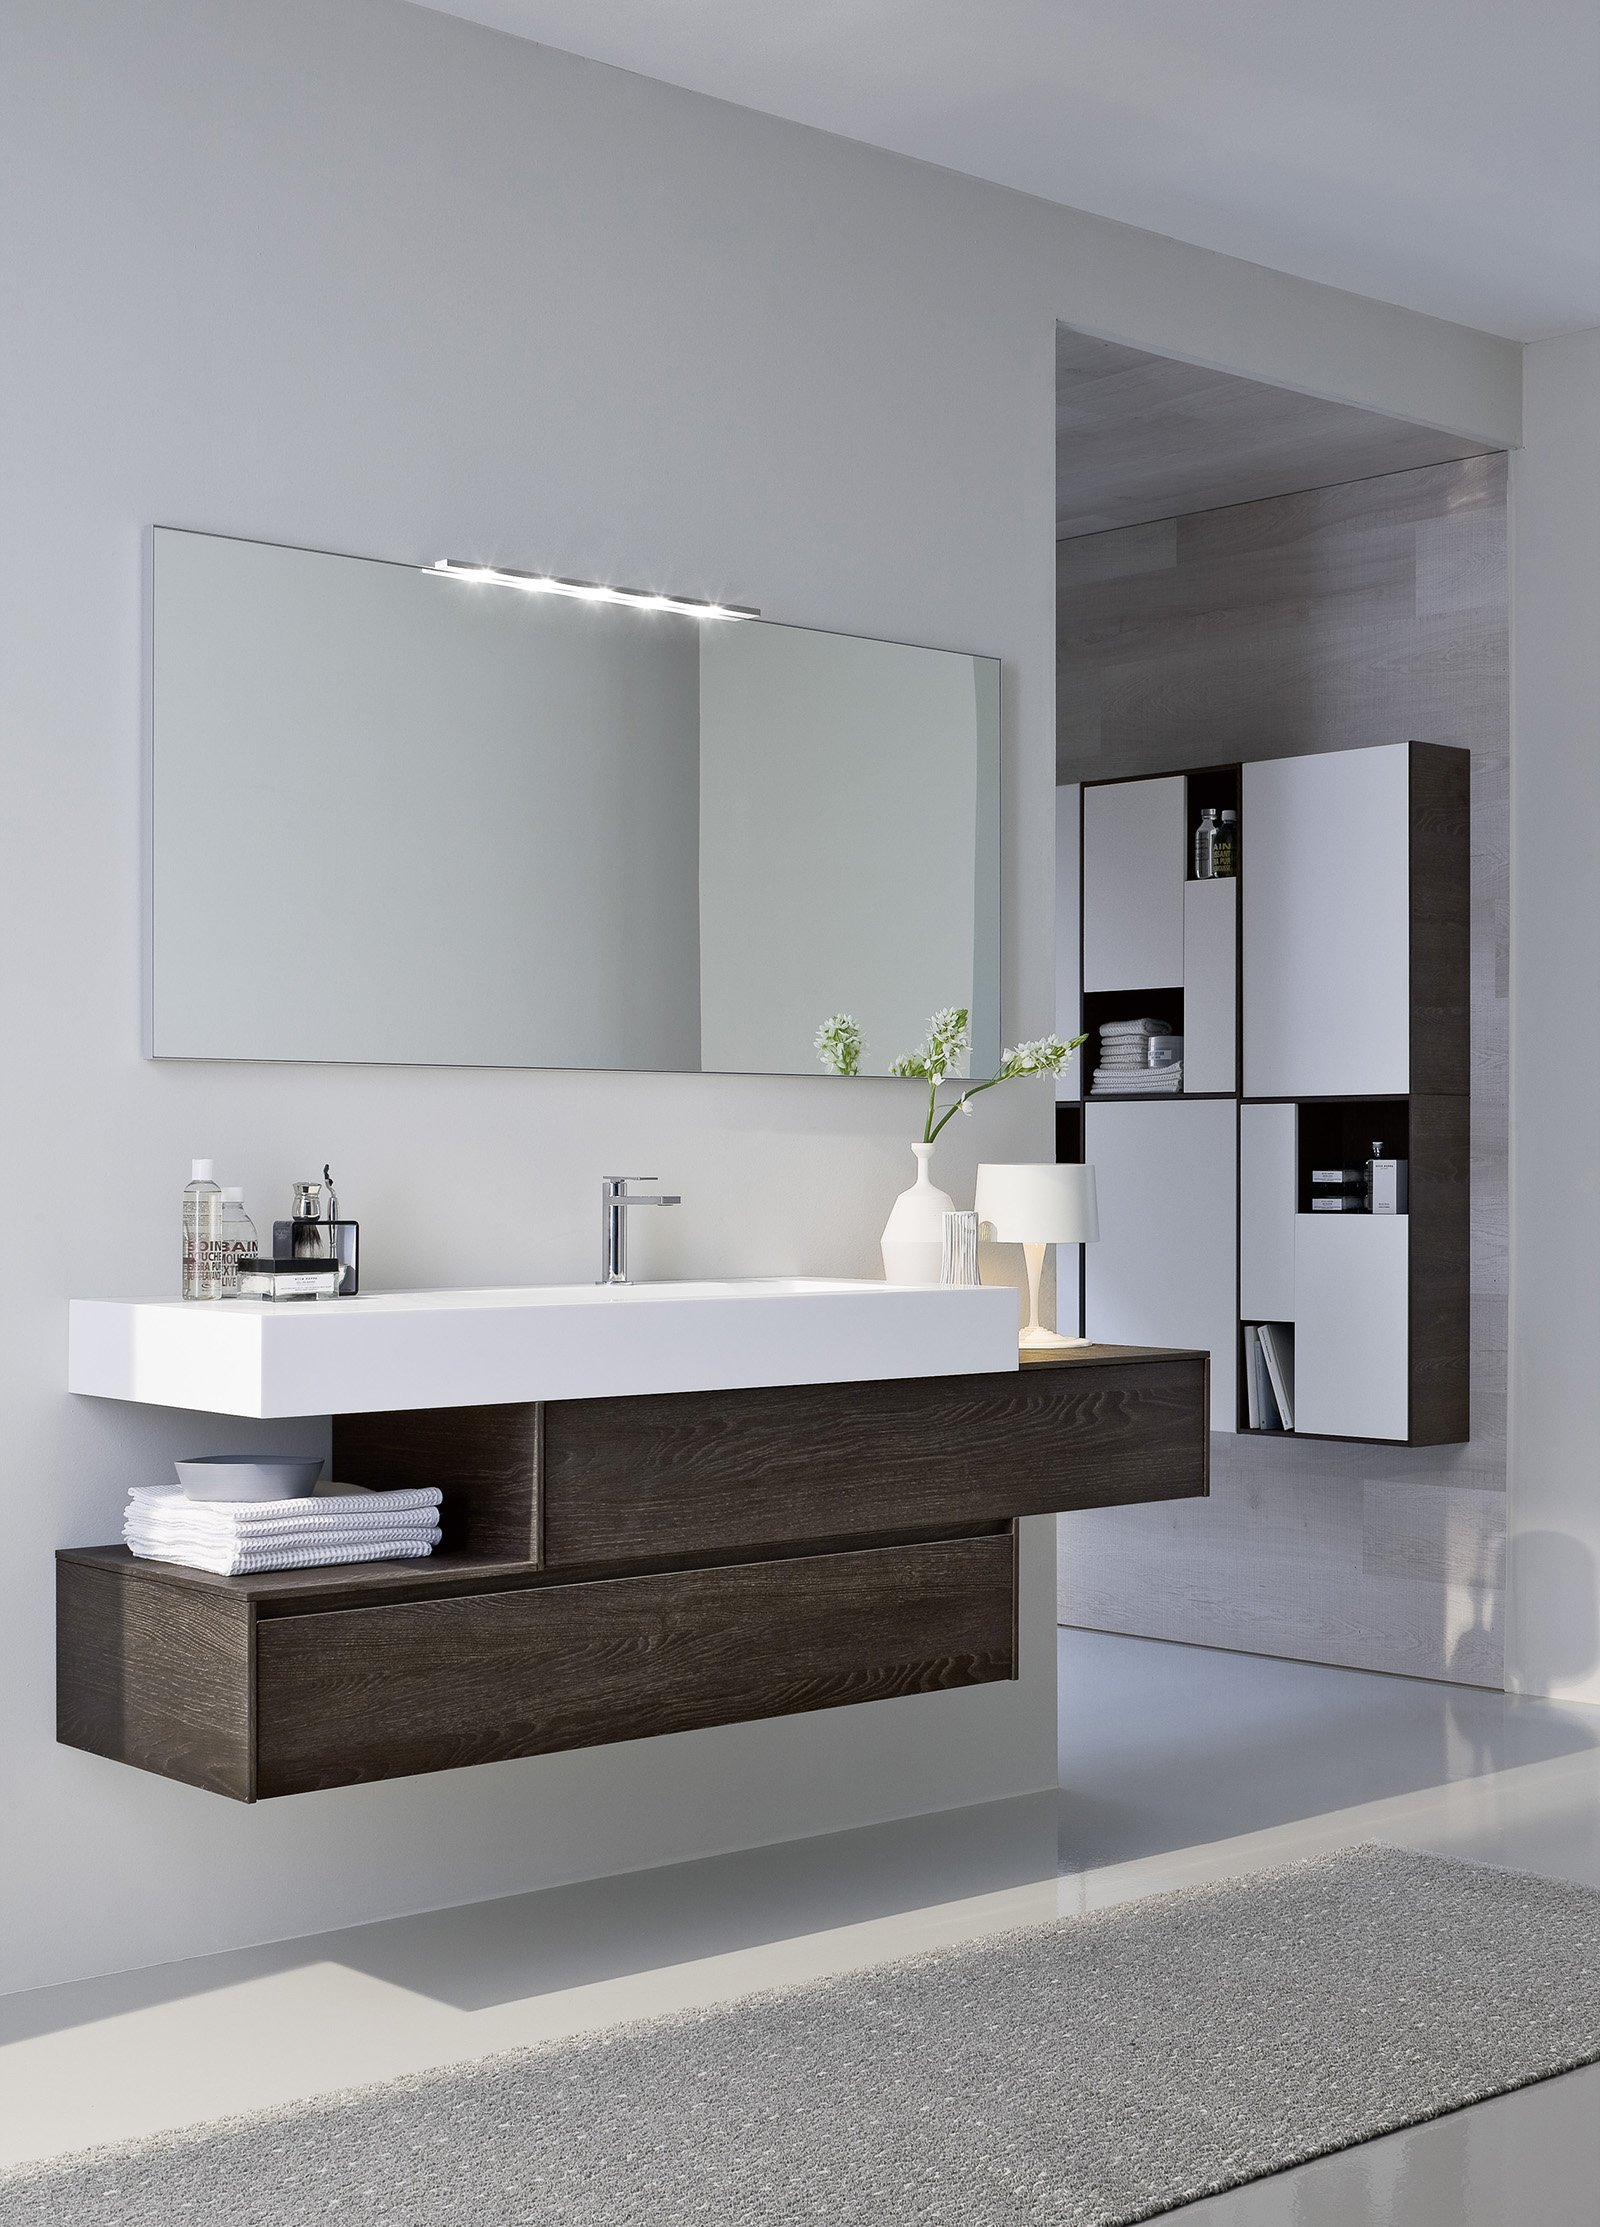 Ristrutturare il bagno dalle piastrelle allo - Immagini piastrelle bagno ...